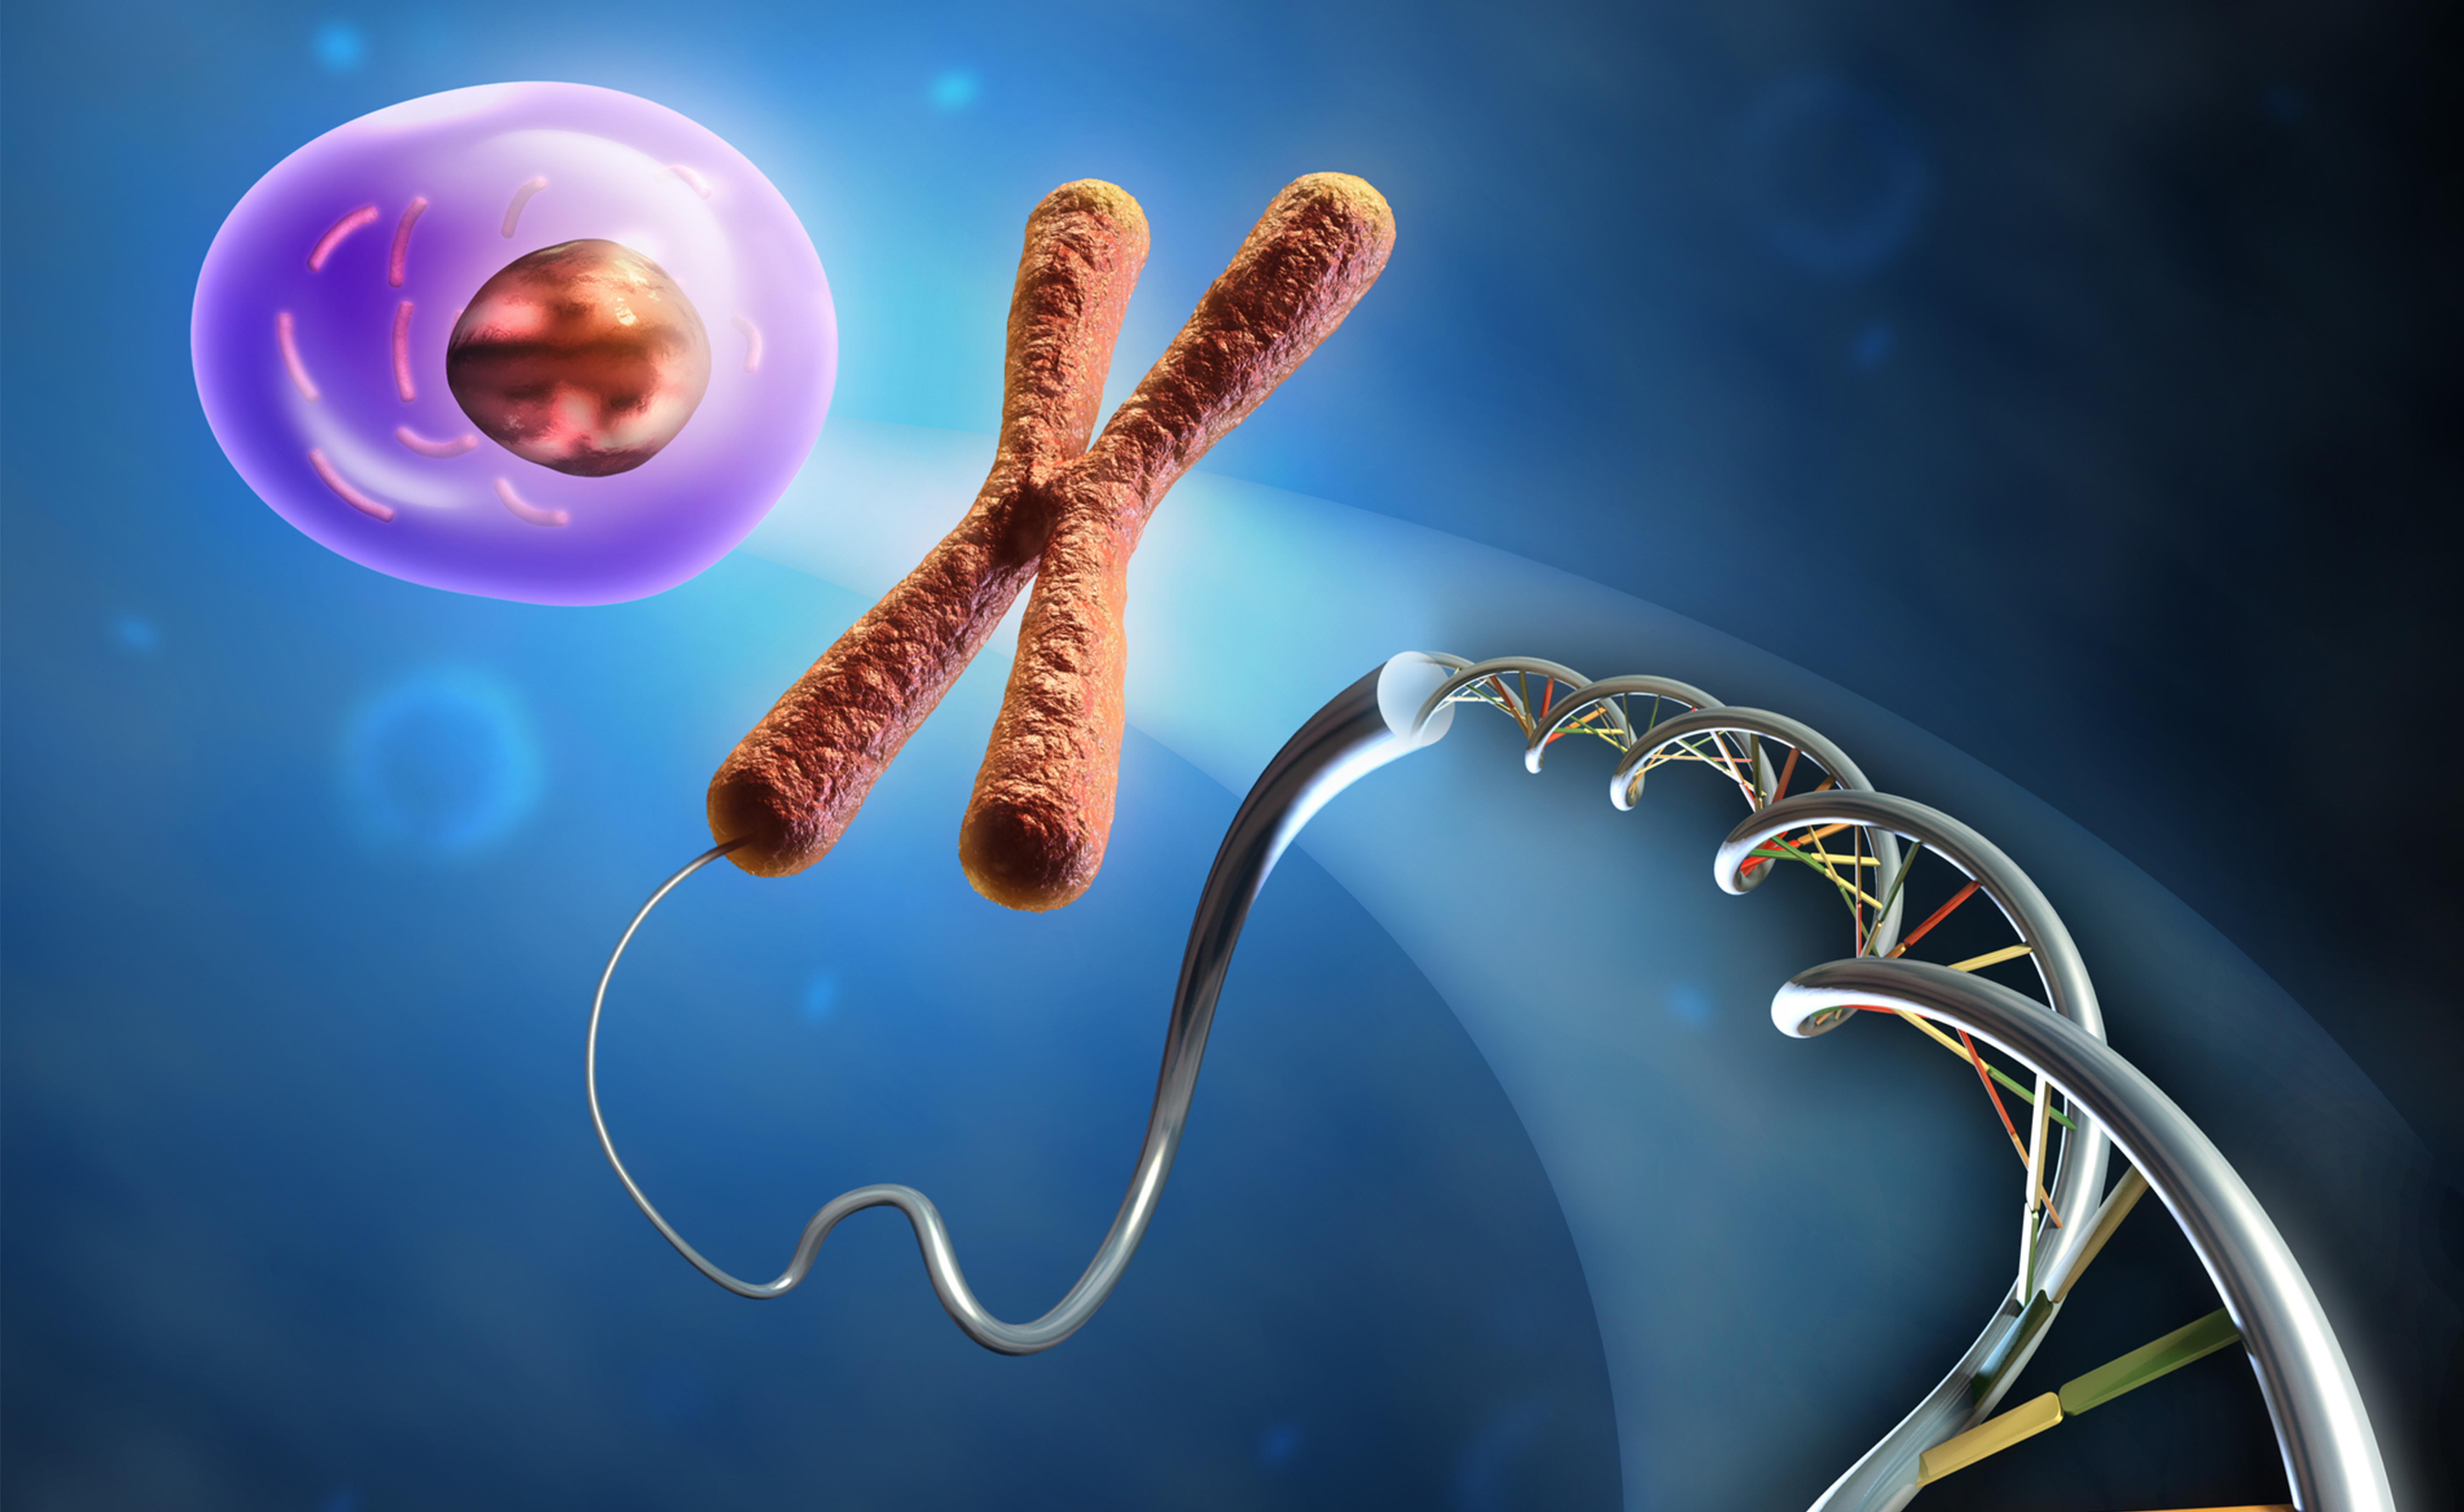 Le malattie autoimmuni sono legate, alcune più di altre